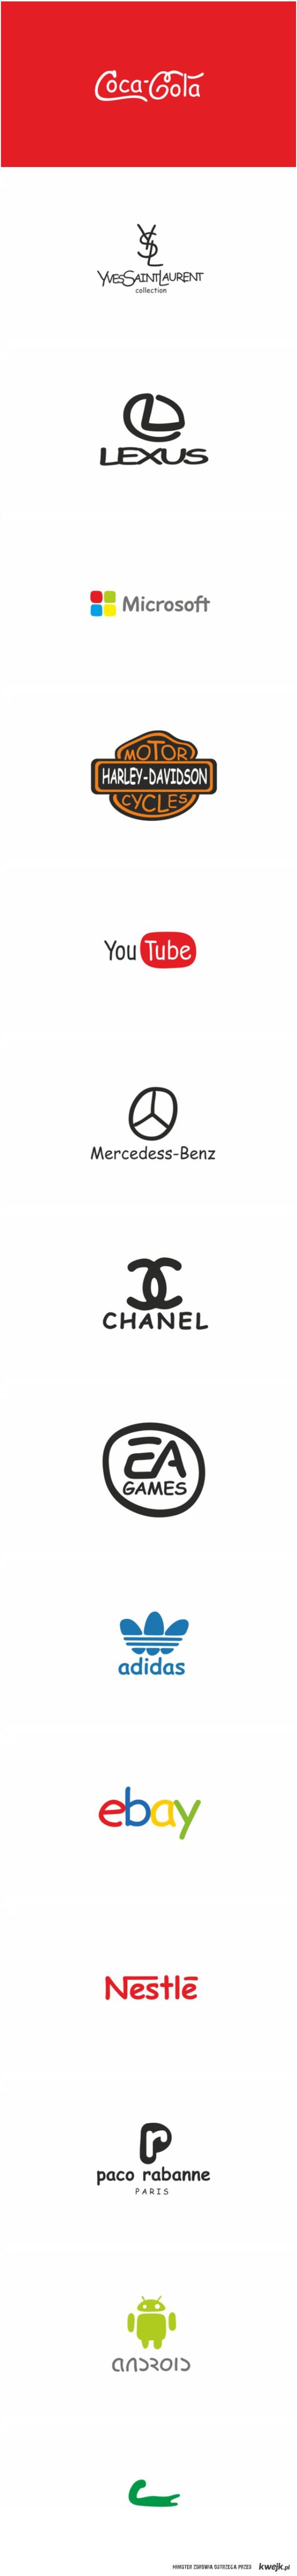 Wielkie marki napisane comic sans